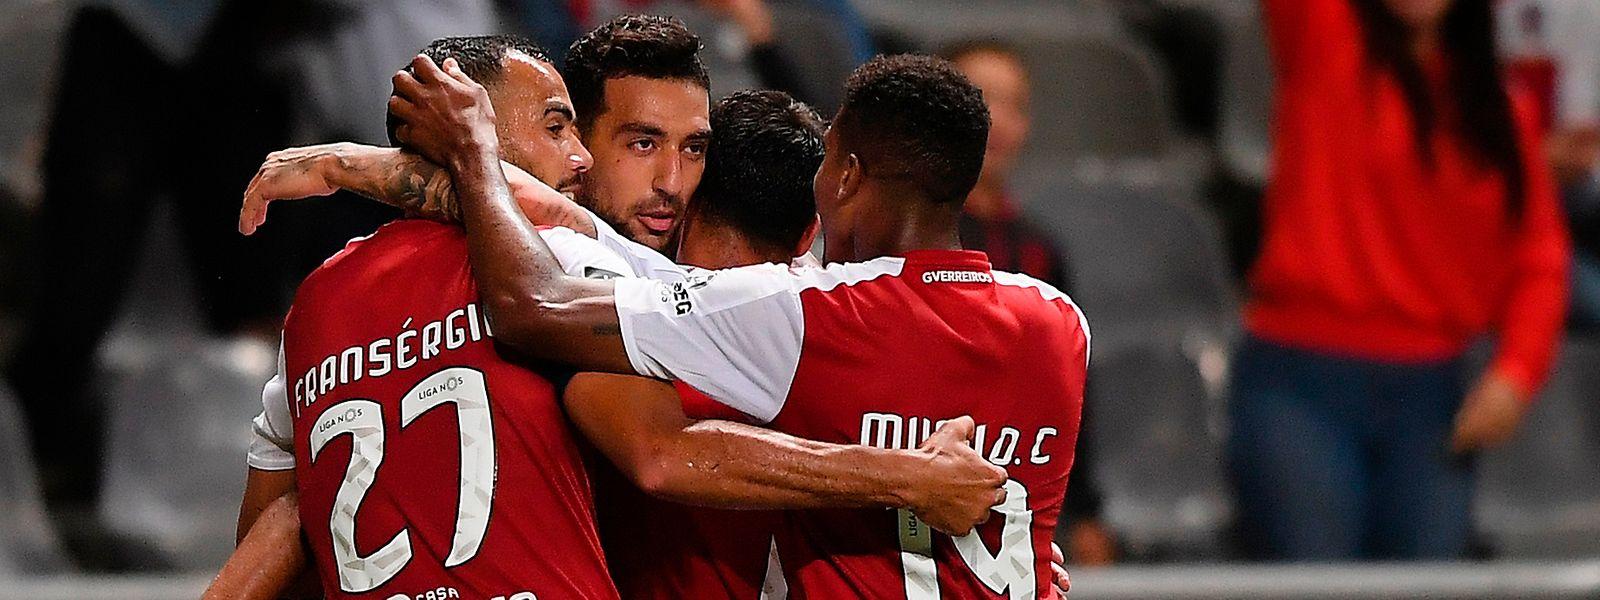 Os 'arsenalistas' só entram em campo na quinta-feira, pelas 20:45, no Estádio Municipal de Braga, para receberem a equipa dinamarquesa do Brondby.